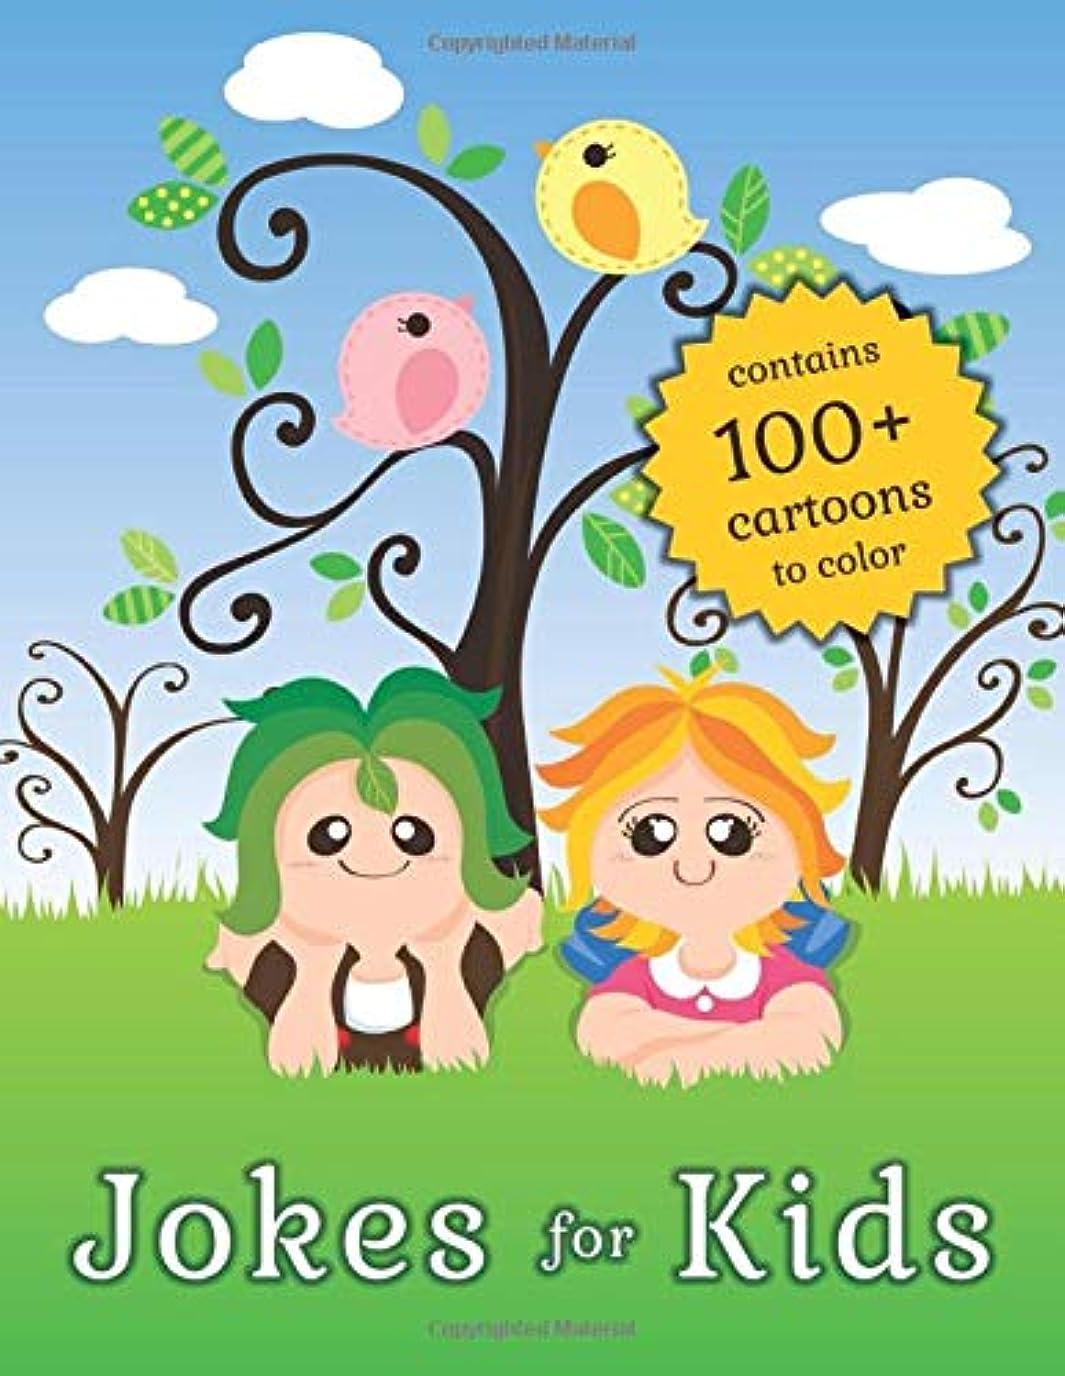 状況受粉者面Jokes For Kids - Contains 100+ Cartoons To Color: Contains 300+ jokes and riddles to tickle the funny bone of kids, along with 100+ cute colorable cartoons to satiate their creative appetites